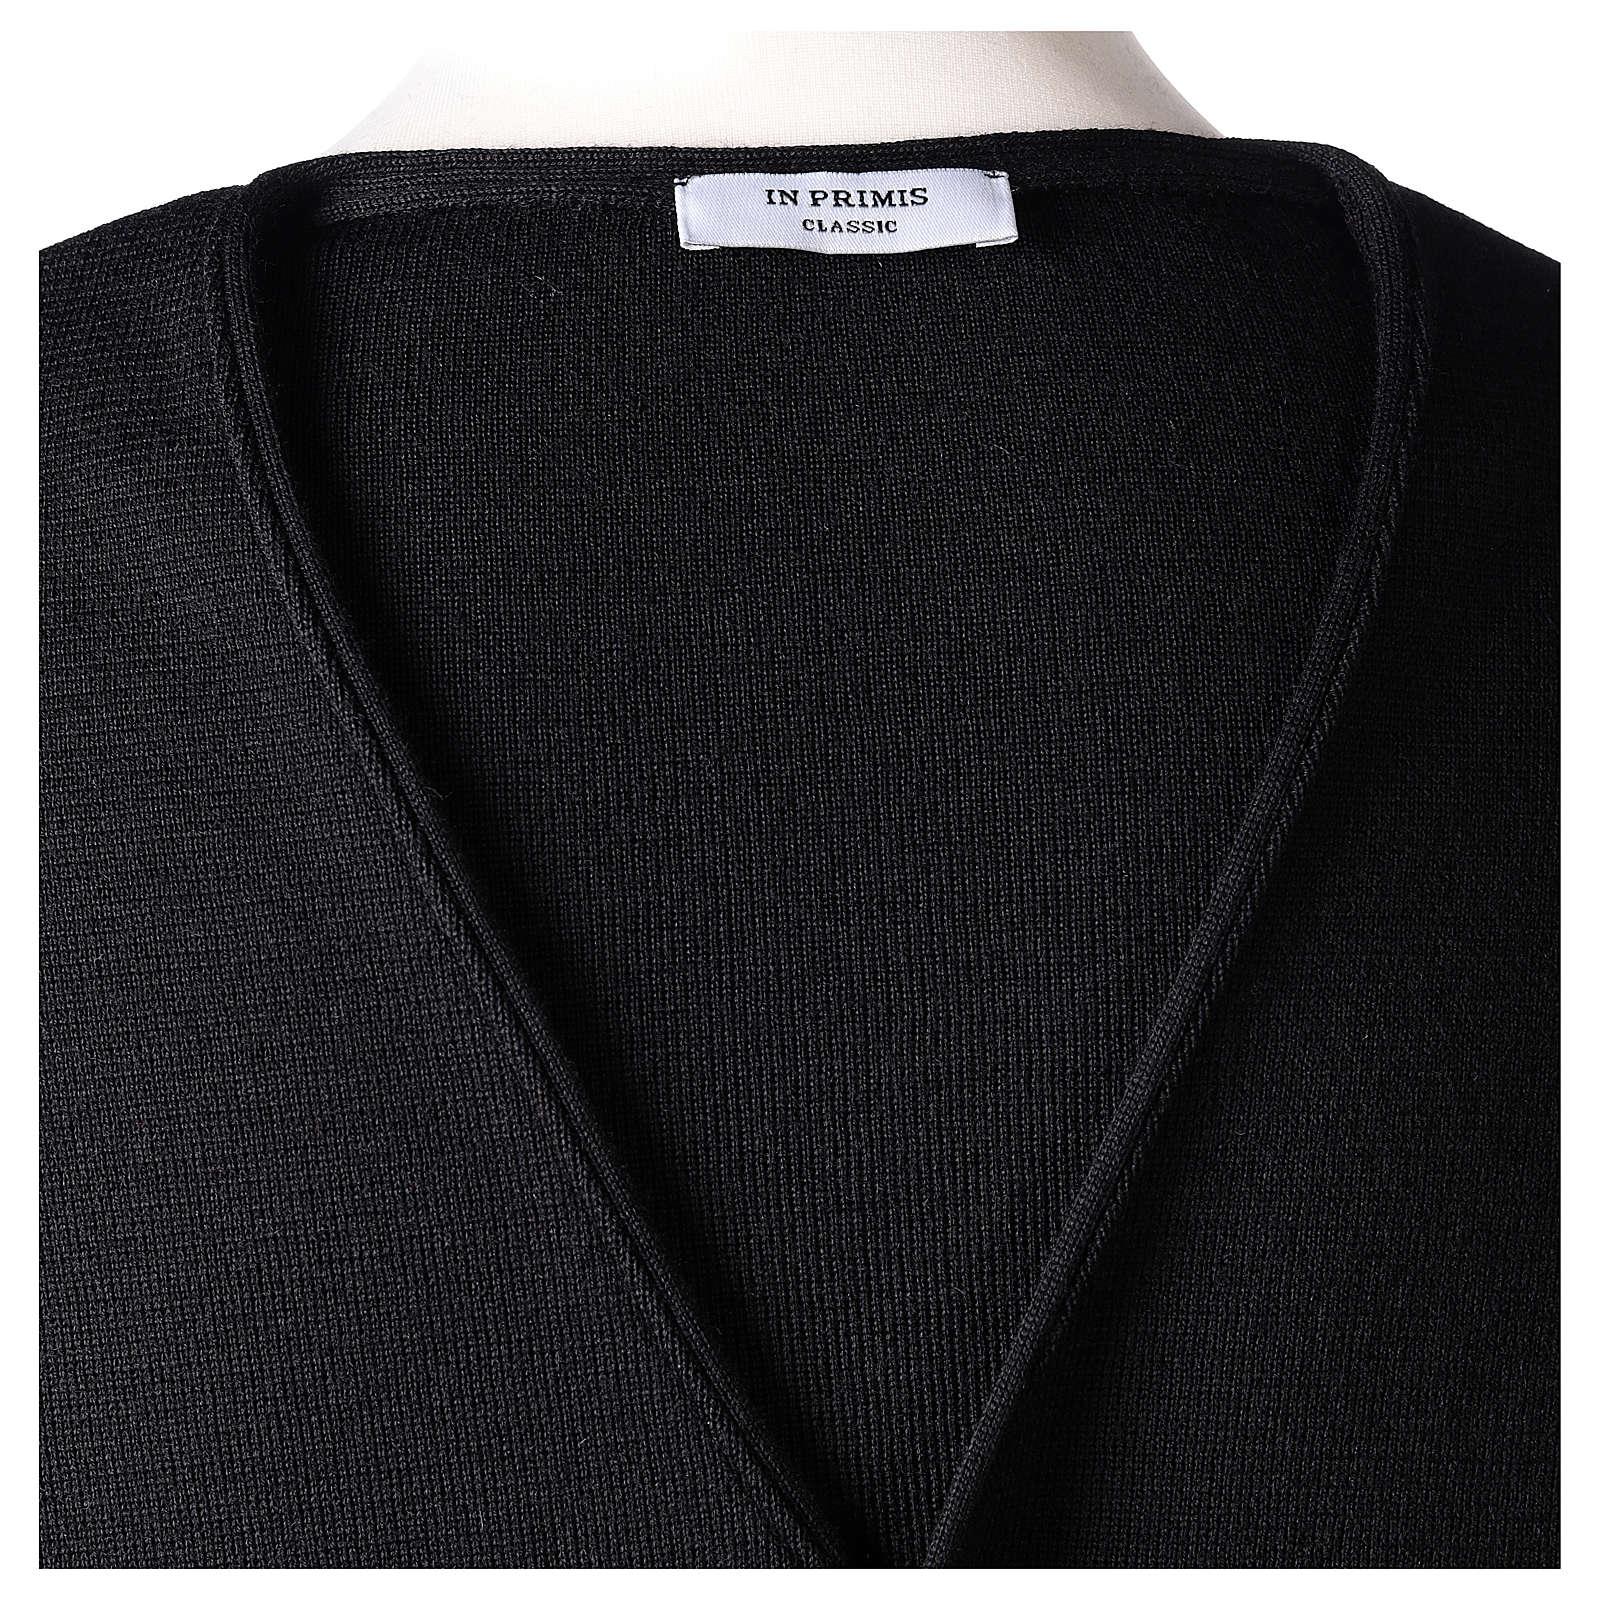 Panciotto sacerdote nero in maglia 50% lana merino 50% acrilico In Primis 4